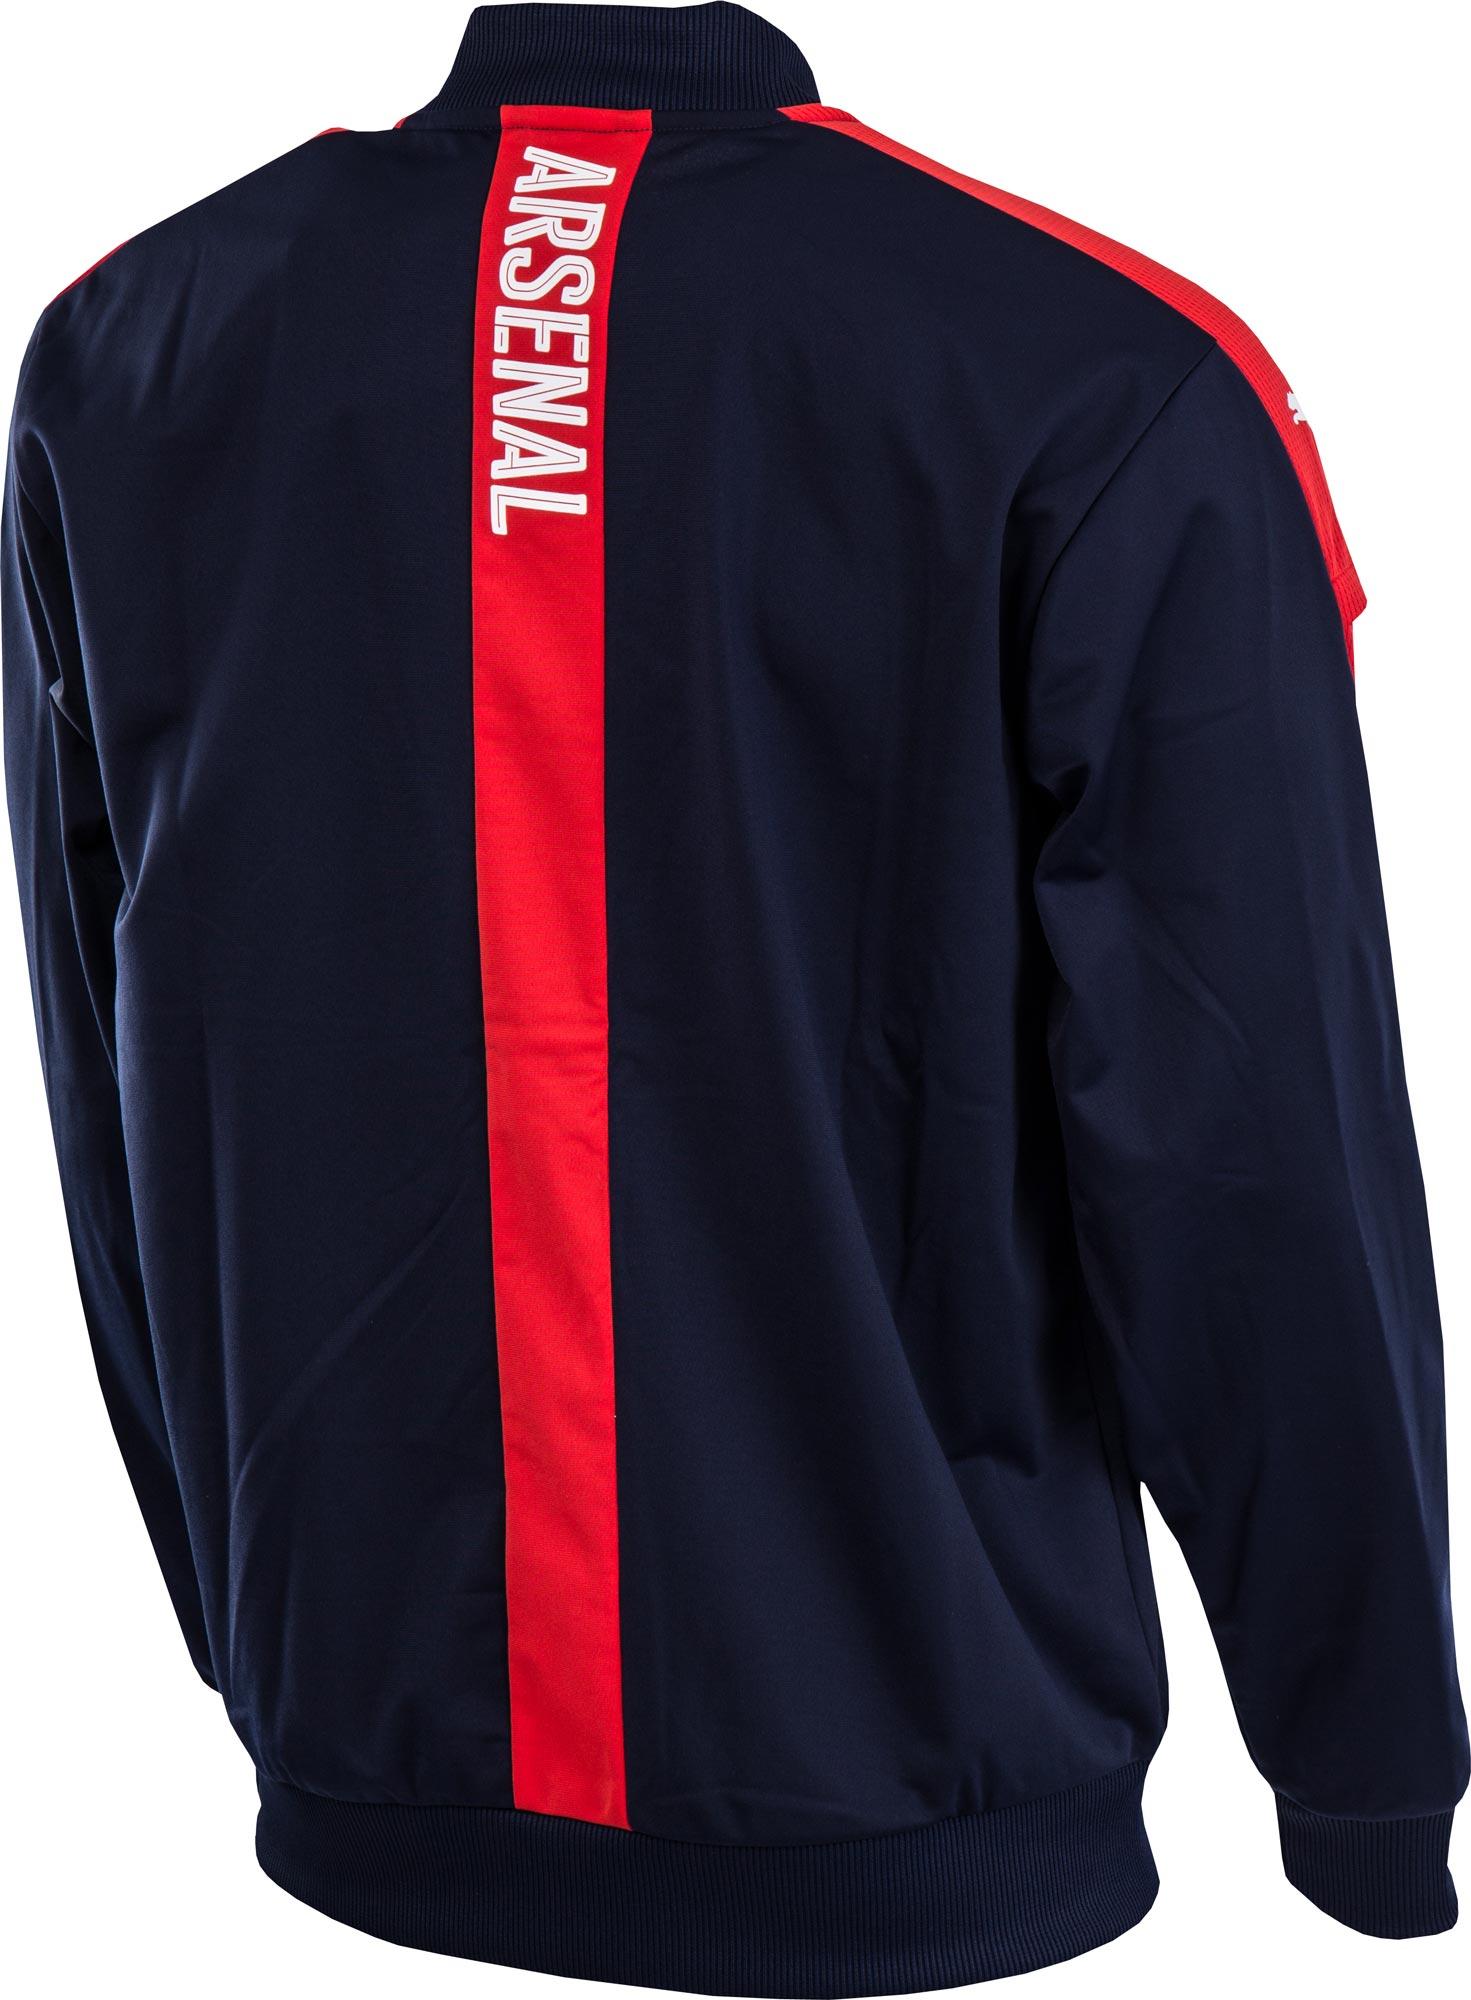 189620432b Puma AFC STADIUM JACKET | sportisimo.com